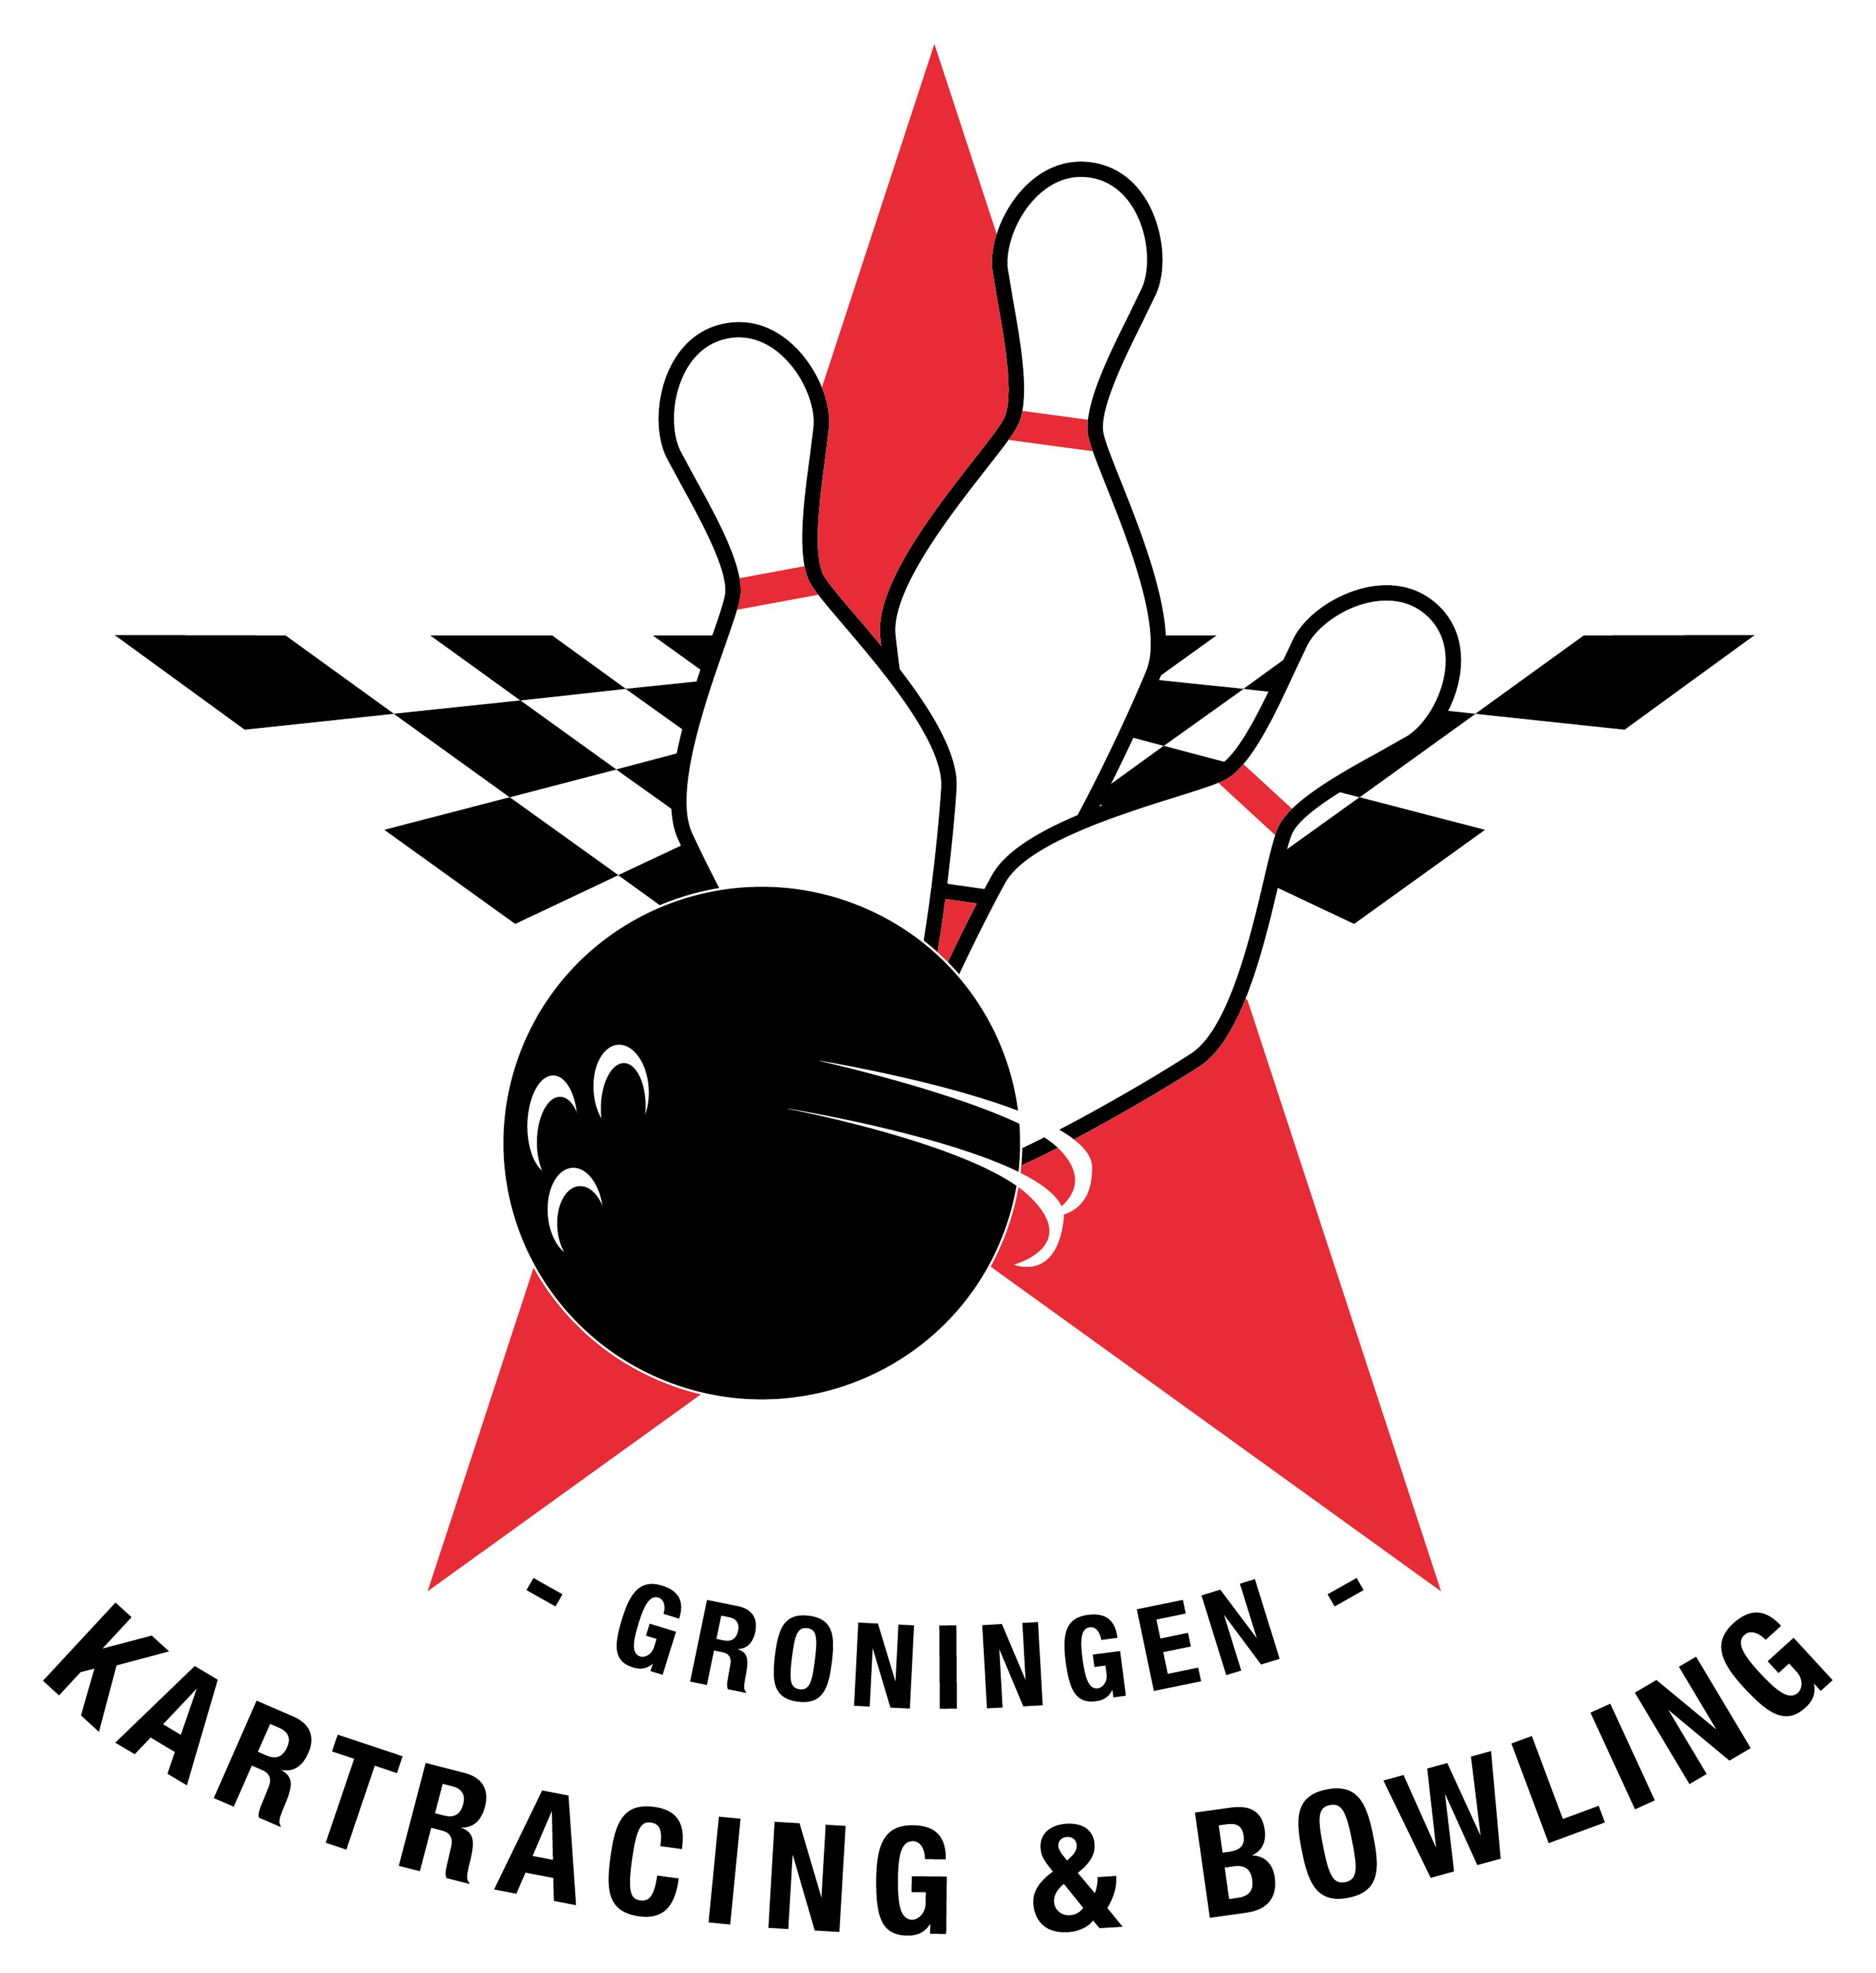 kart-logo-redesign-3.png